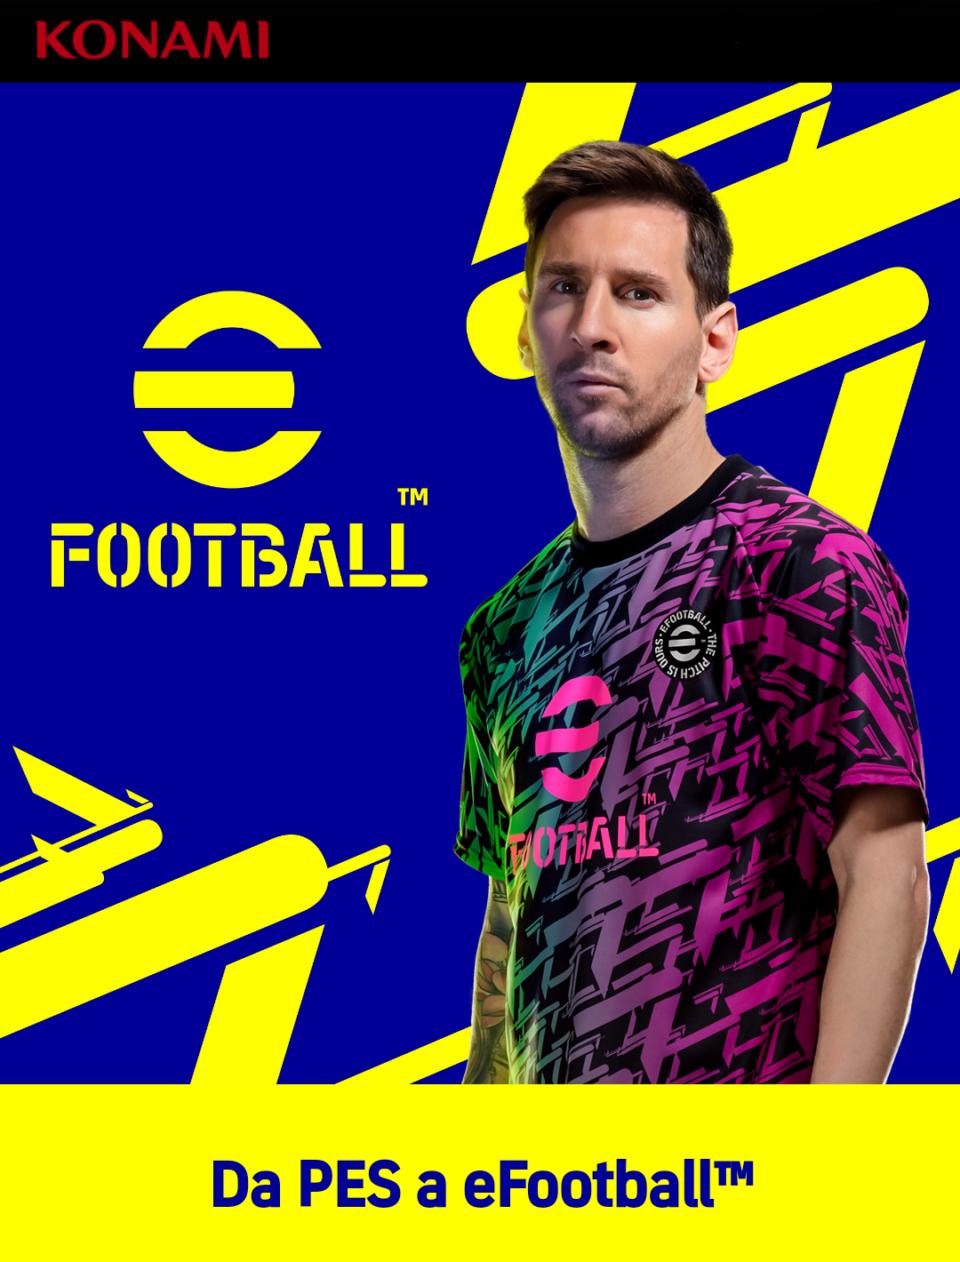 PES, eFootball